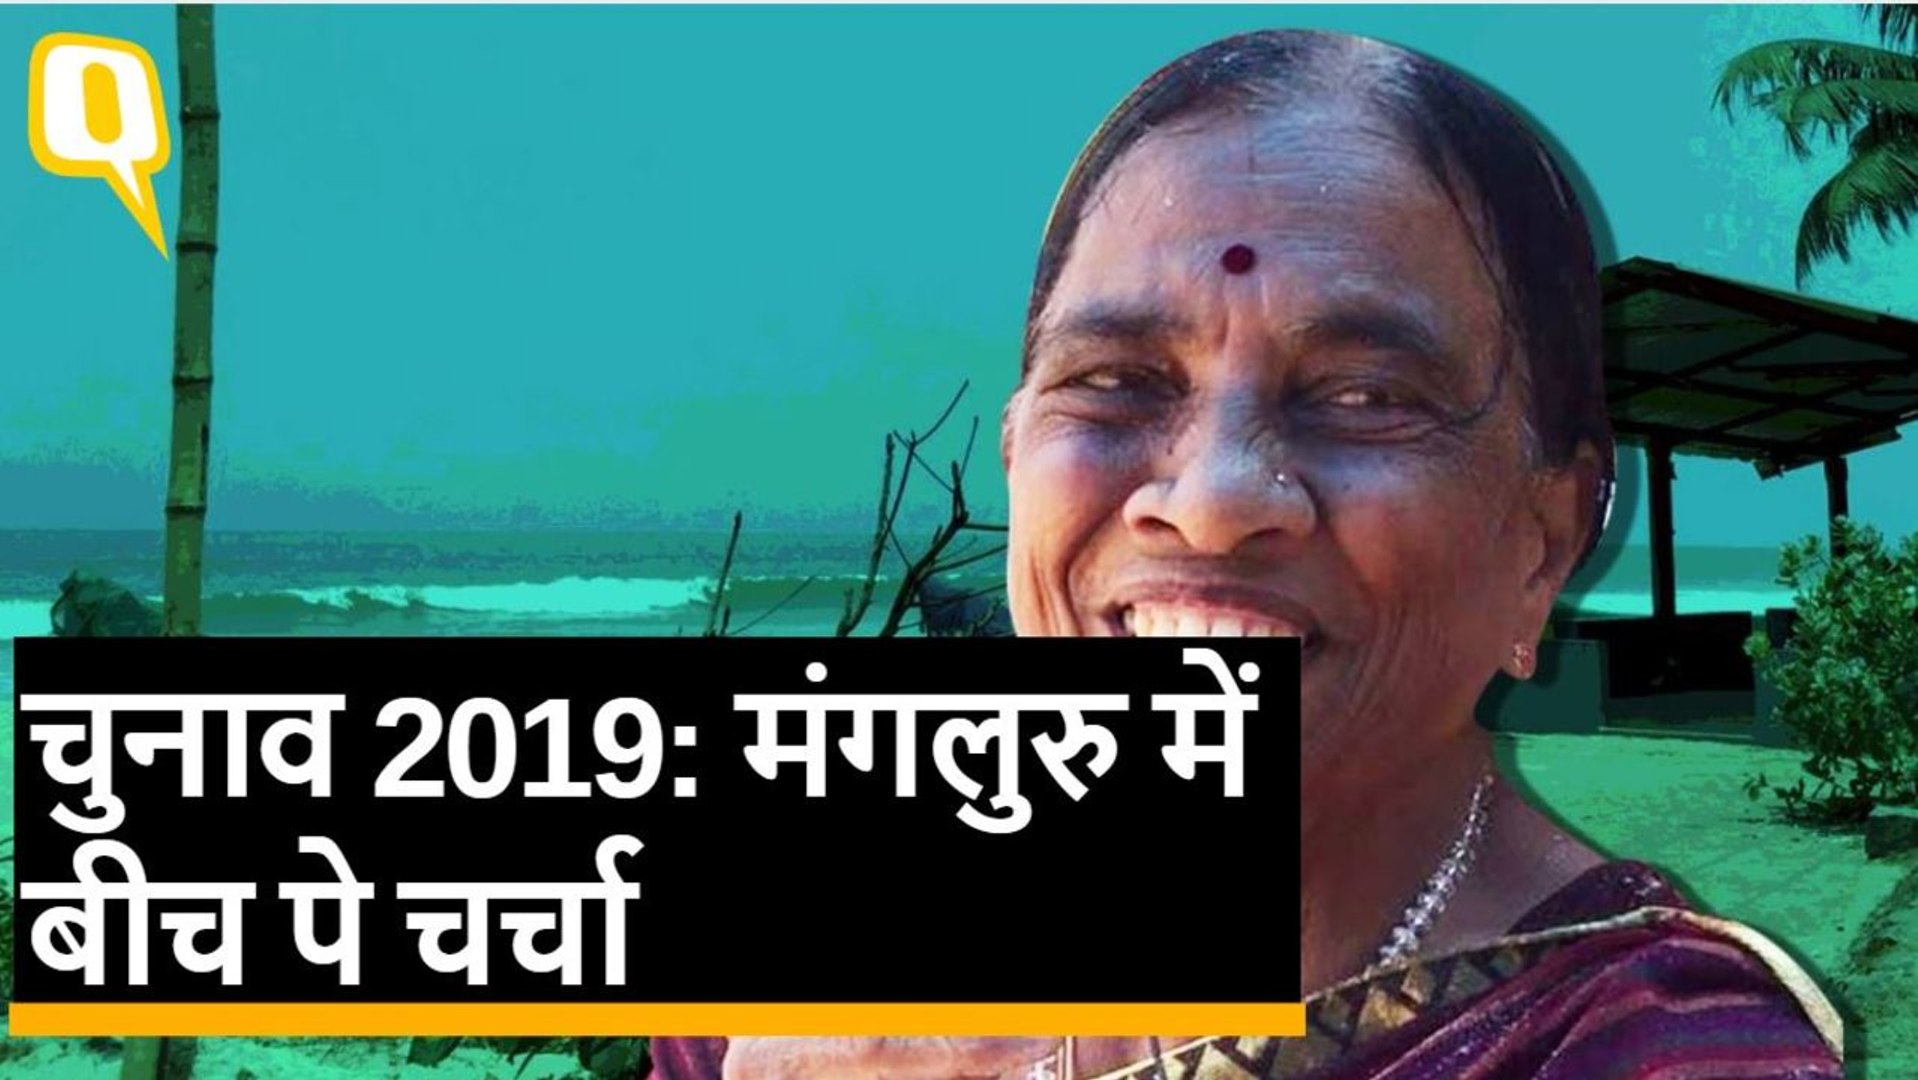 Beach पे चर्चा: Air strike, जॉब्स और चुनाव पर Mangaluru के लोगों से चर्चा । Quint Hindi